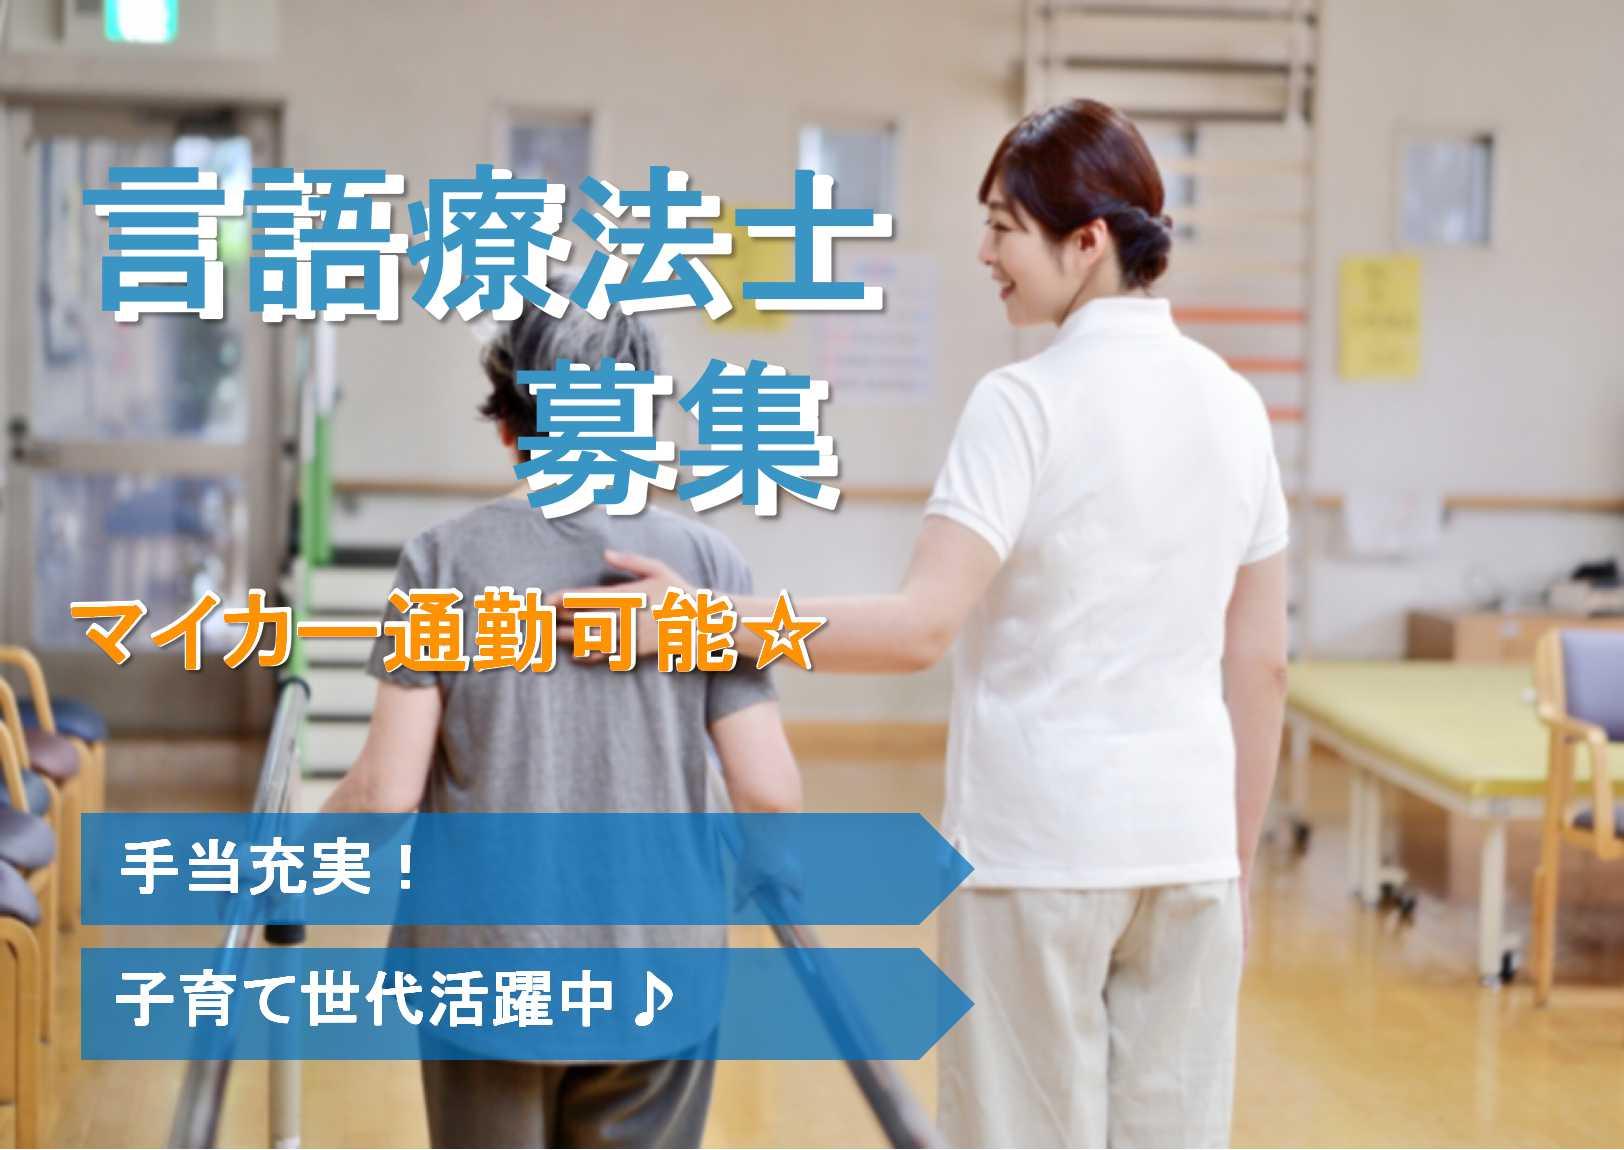 手当充実★チームワークの良い職場です!訪問看護ステーションの言語療法士【即面談可能】 イメージ